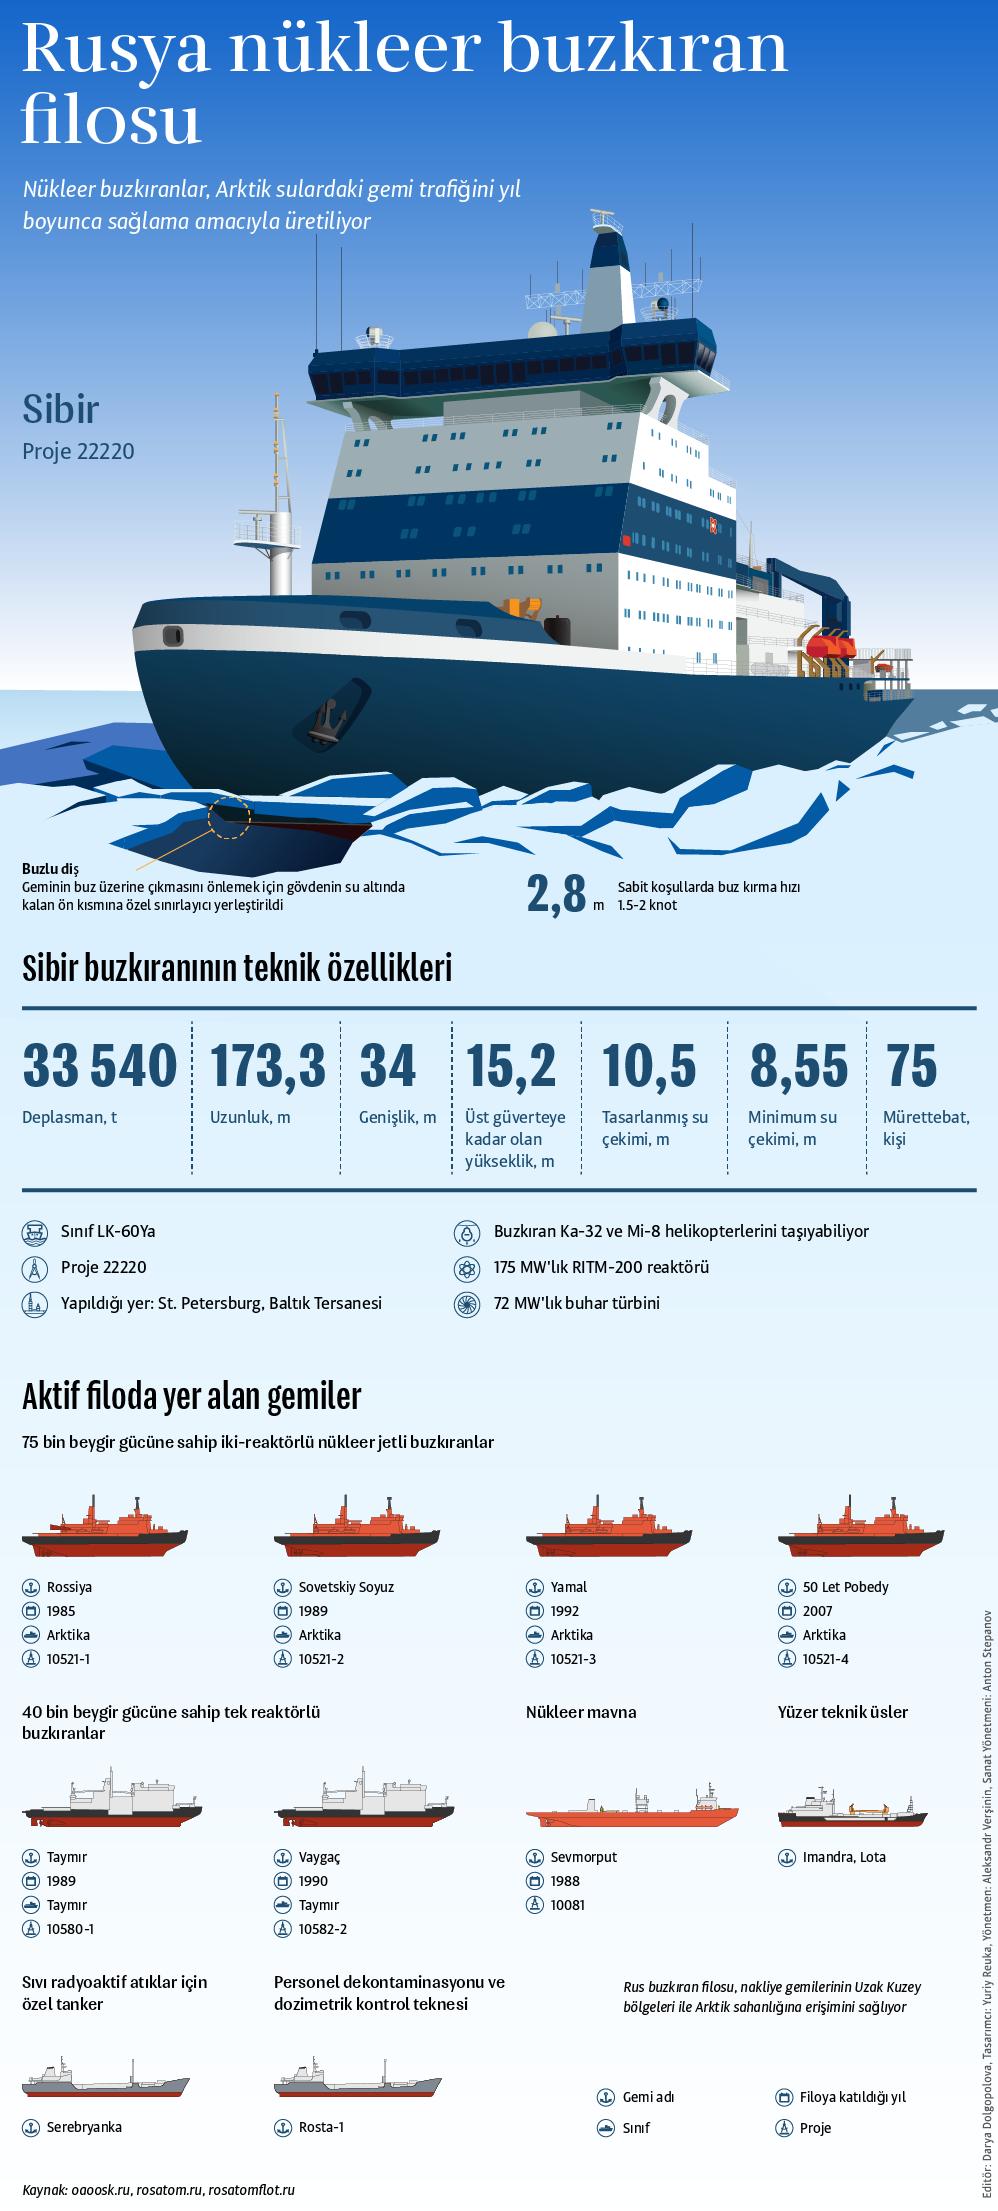 Dünyanın en güçlü nükleer buzkıran gemisi 'Sibir' - Sputnik Türkiye